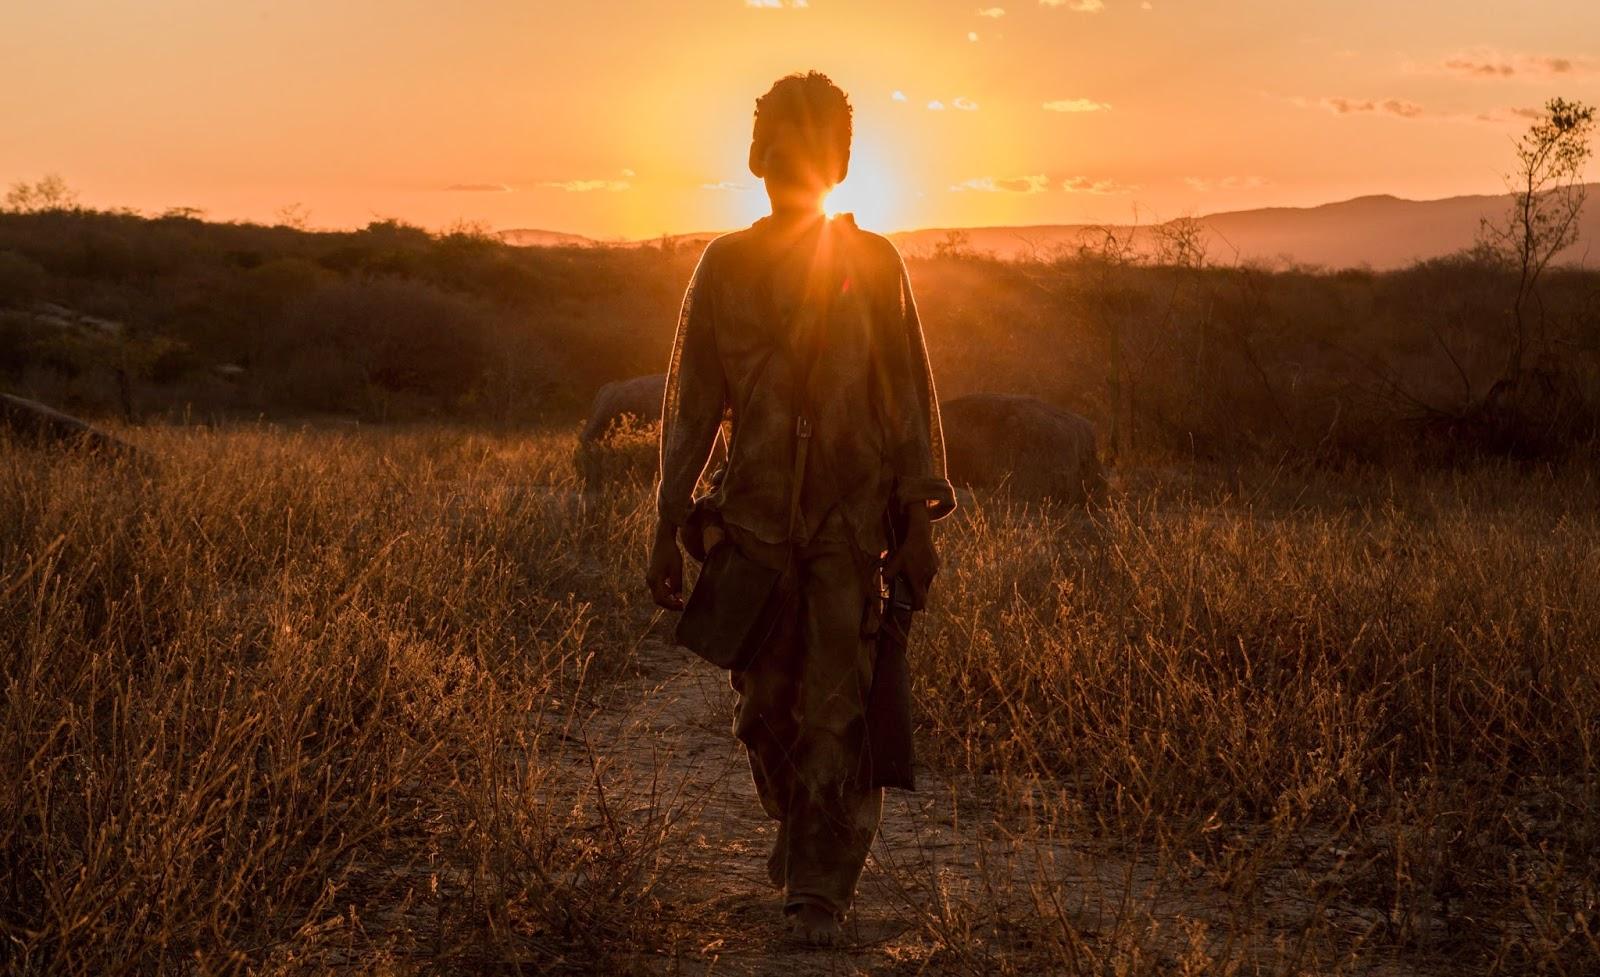 Netflix divulga trailer do primeiro filme nacional, O Matador, gravado em Pernambuco